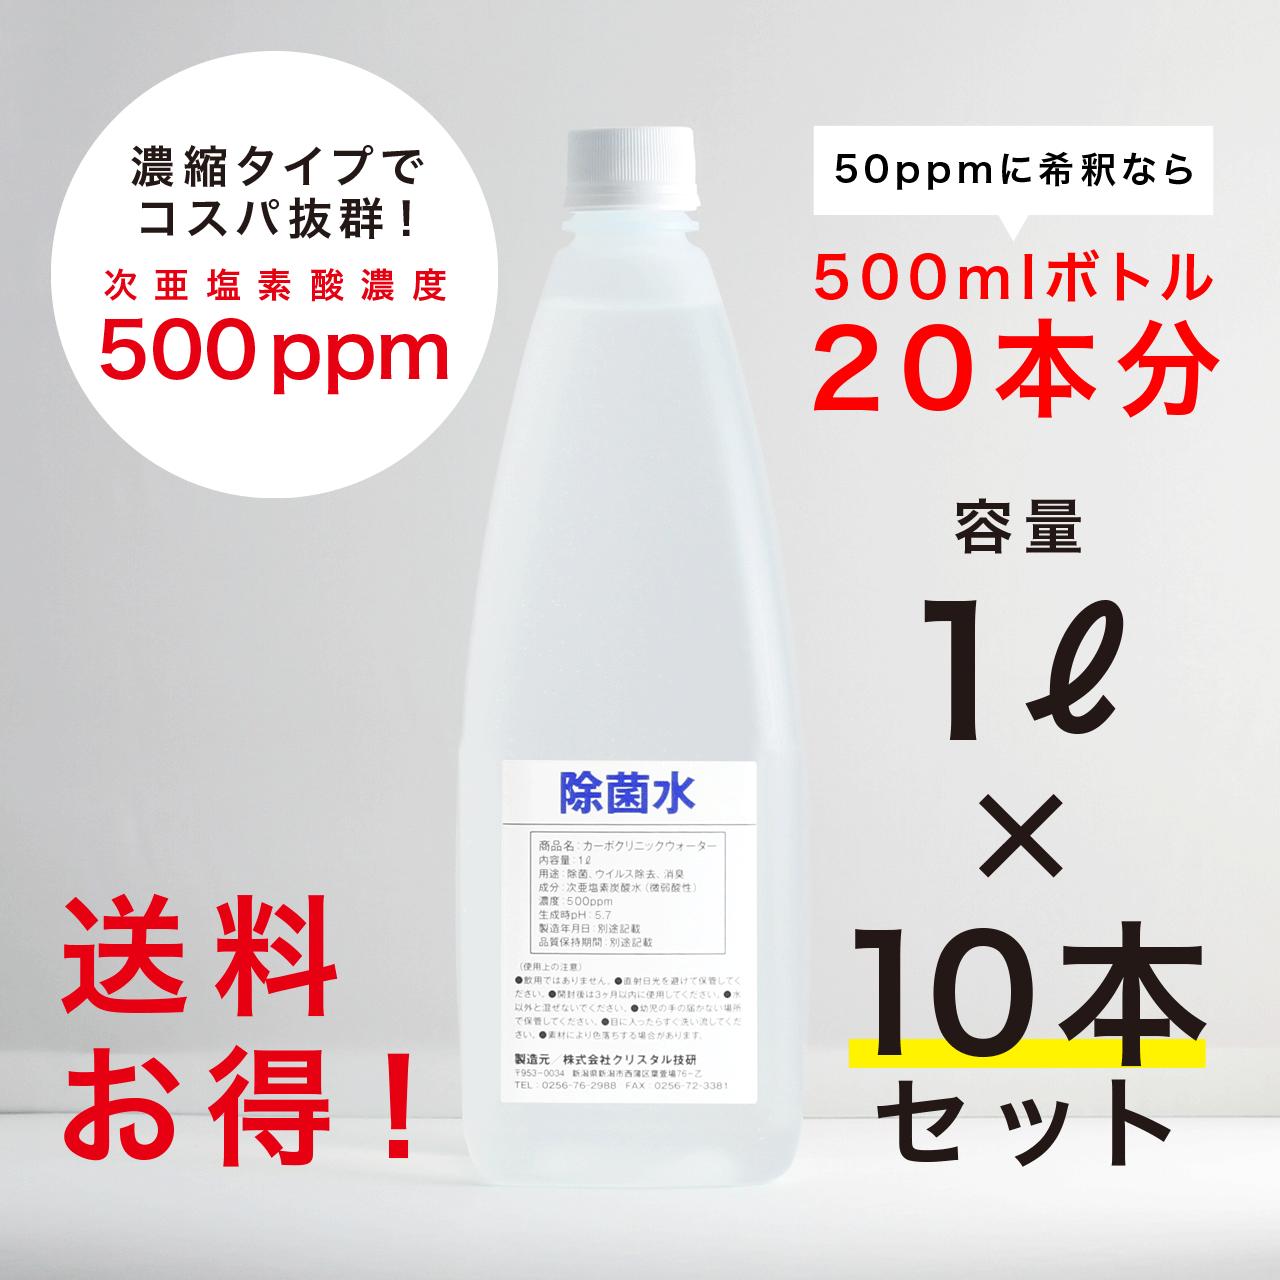 [10本セット]次亜塩素炭酸水 除菌・消臭「カーボクリニックウォーター」500 ppm